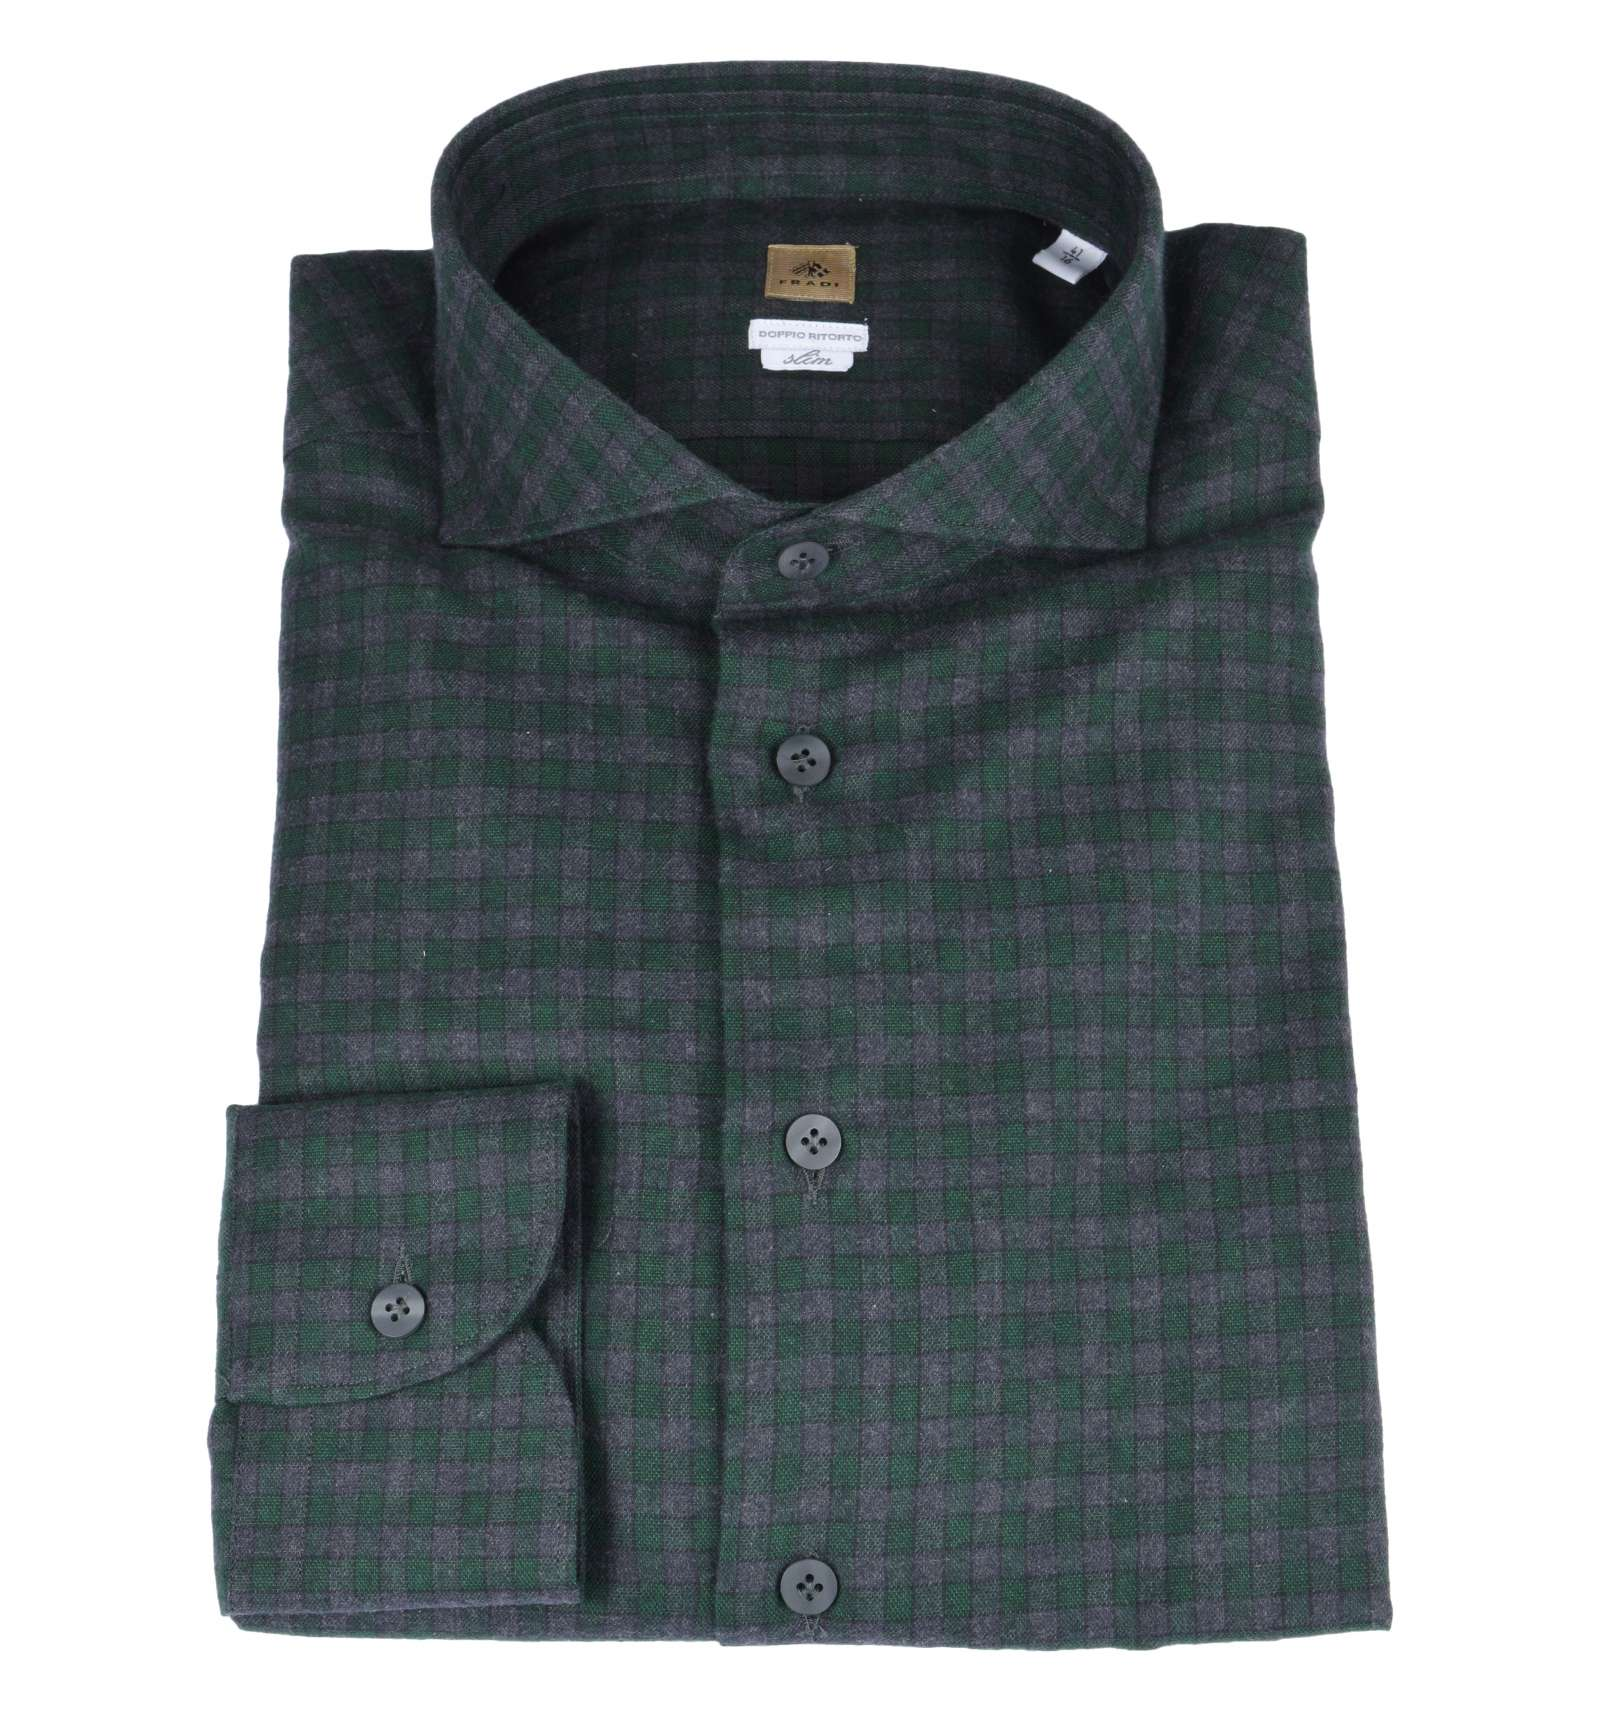 huge discount a5c10 62a3a FRADI uomo camicia quadri verde grigio flanella slim CN6333 0553